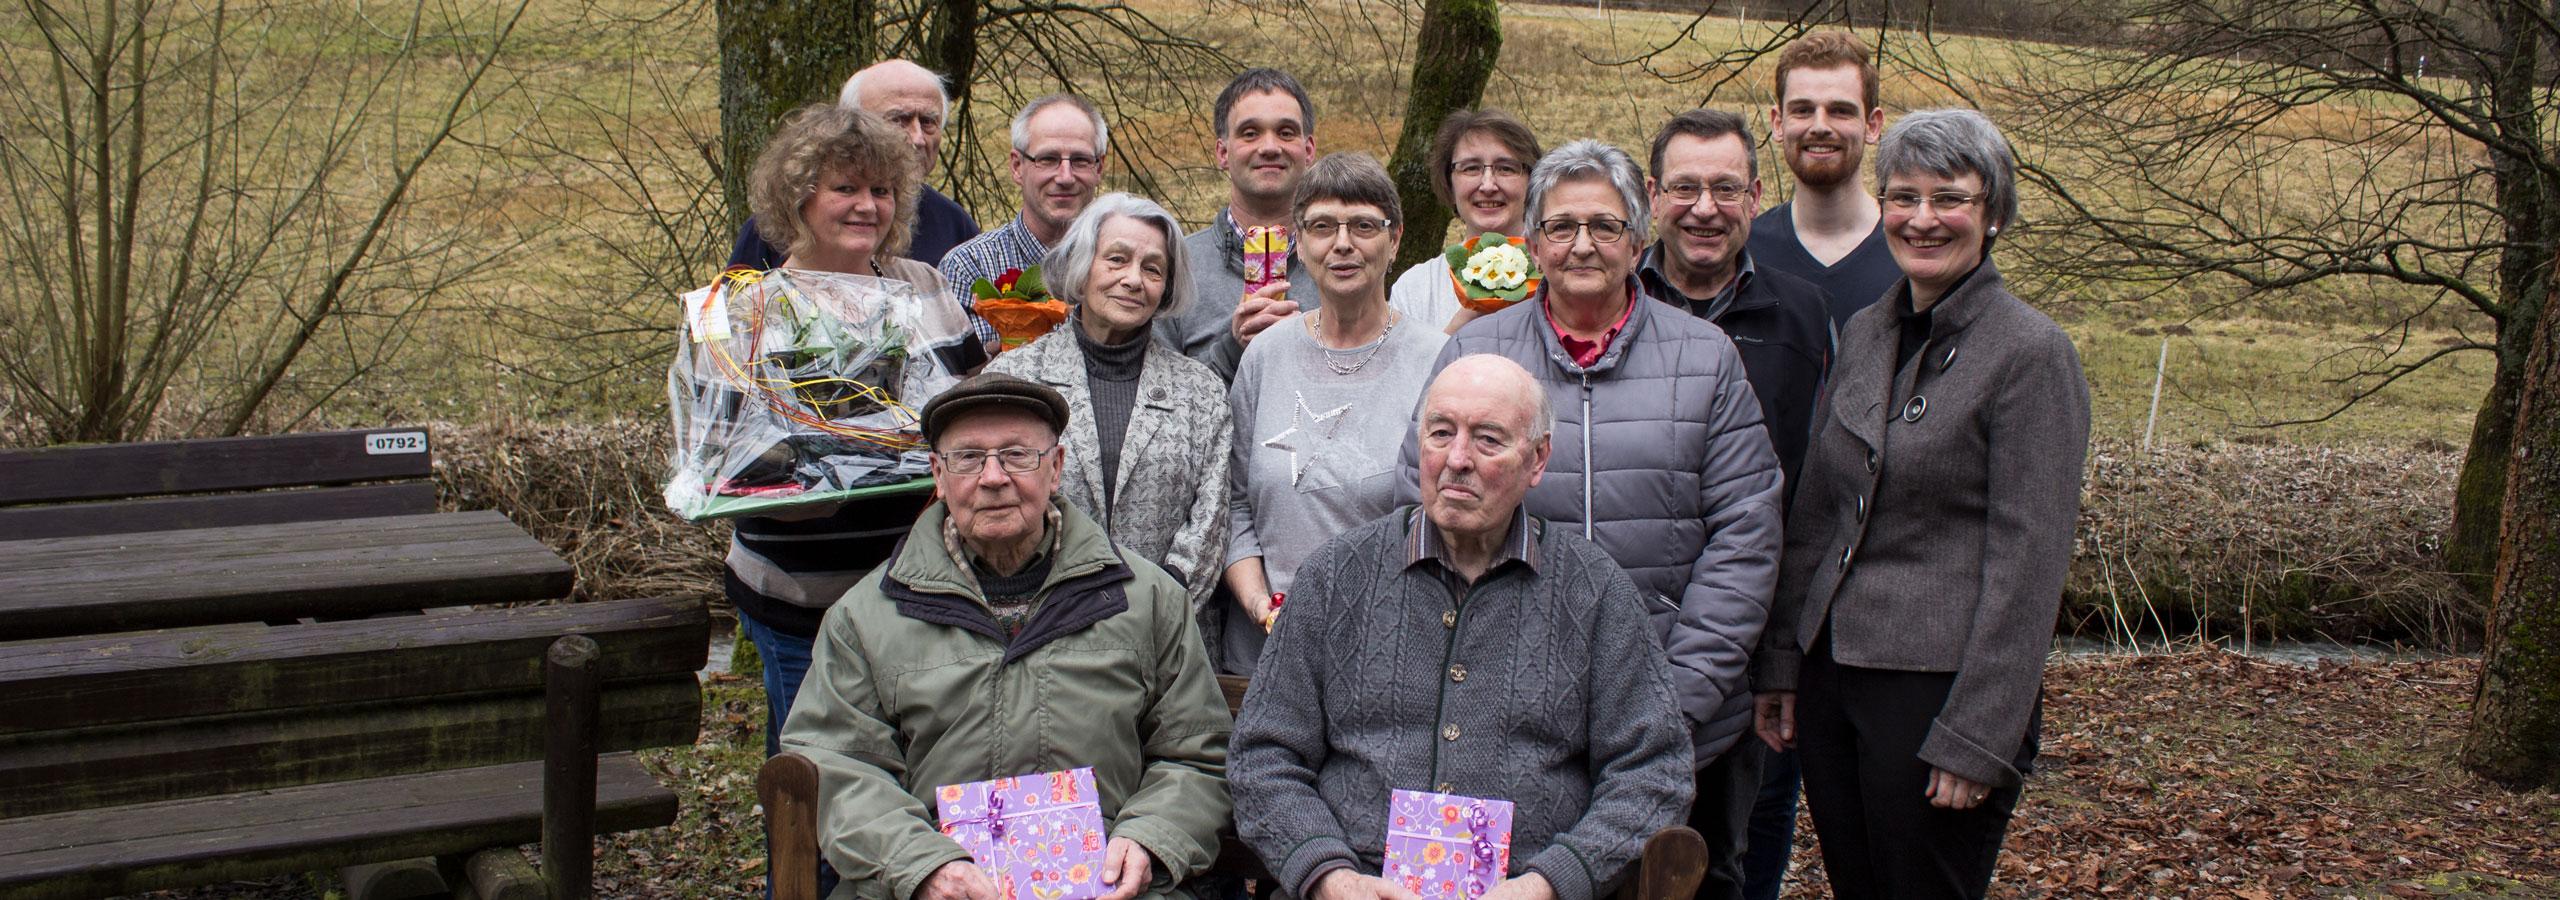 Jahreshauptversammlung 2018 SGV Abteilung Hilchenbach